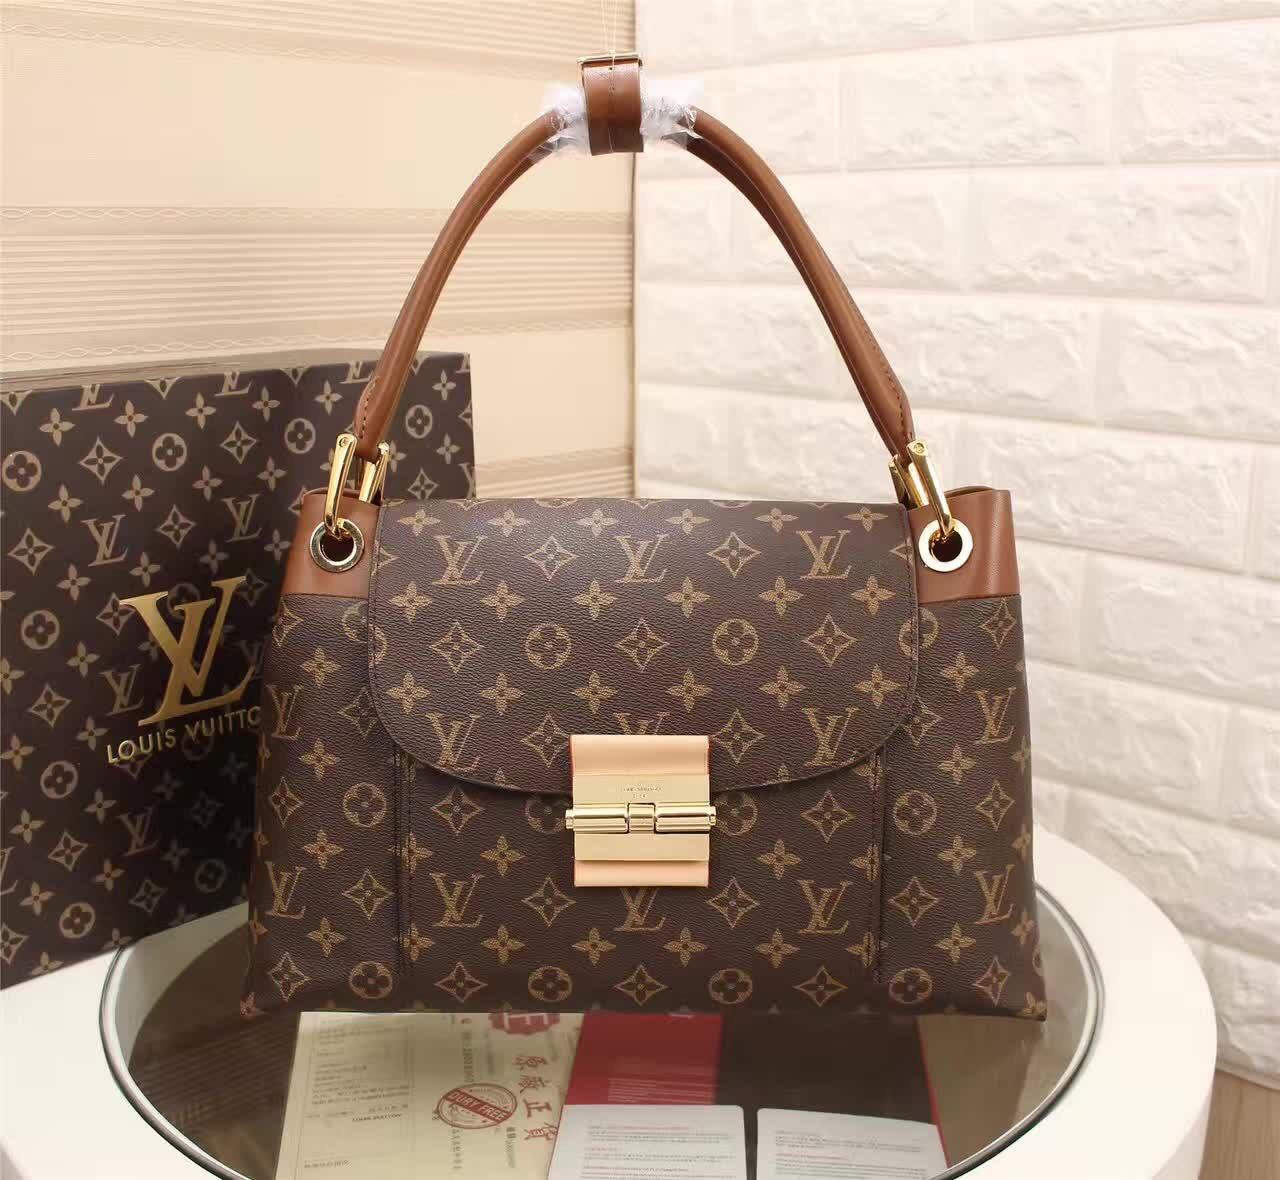 Louis vuitton handtaschen outlet